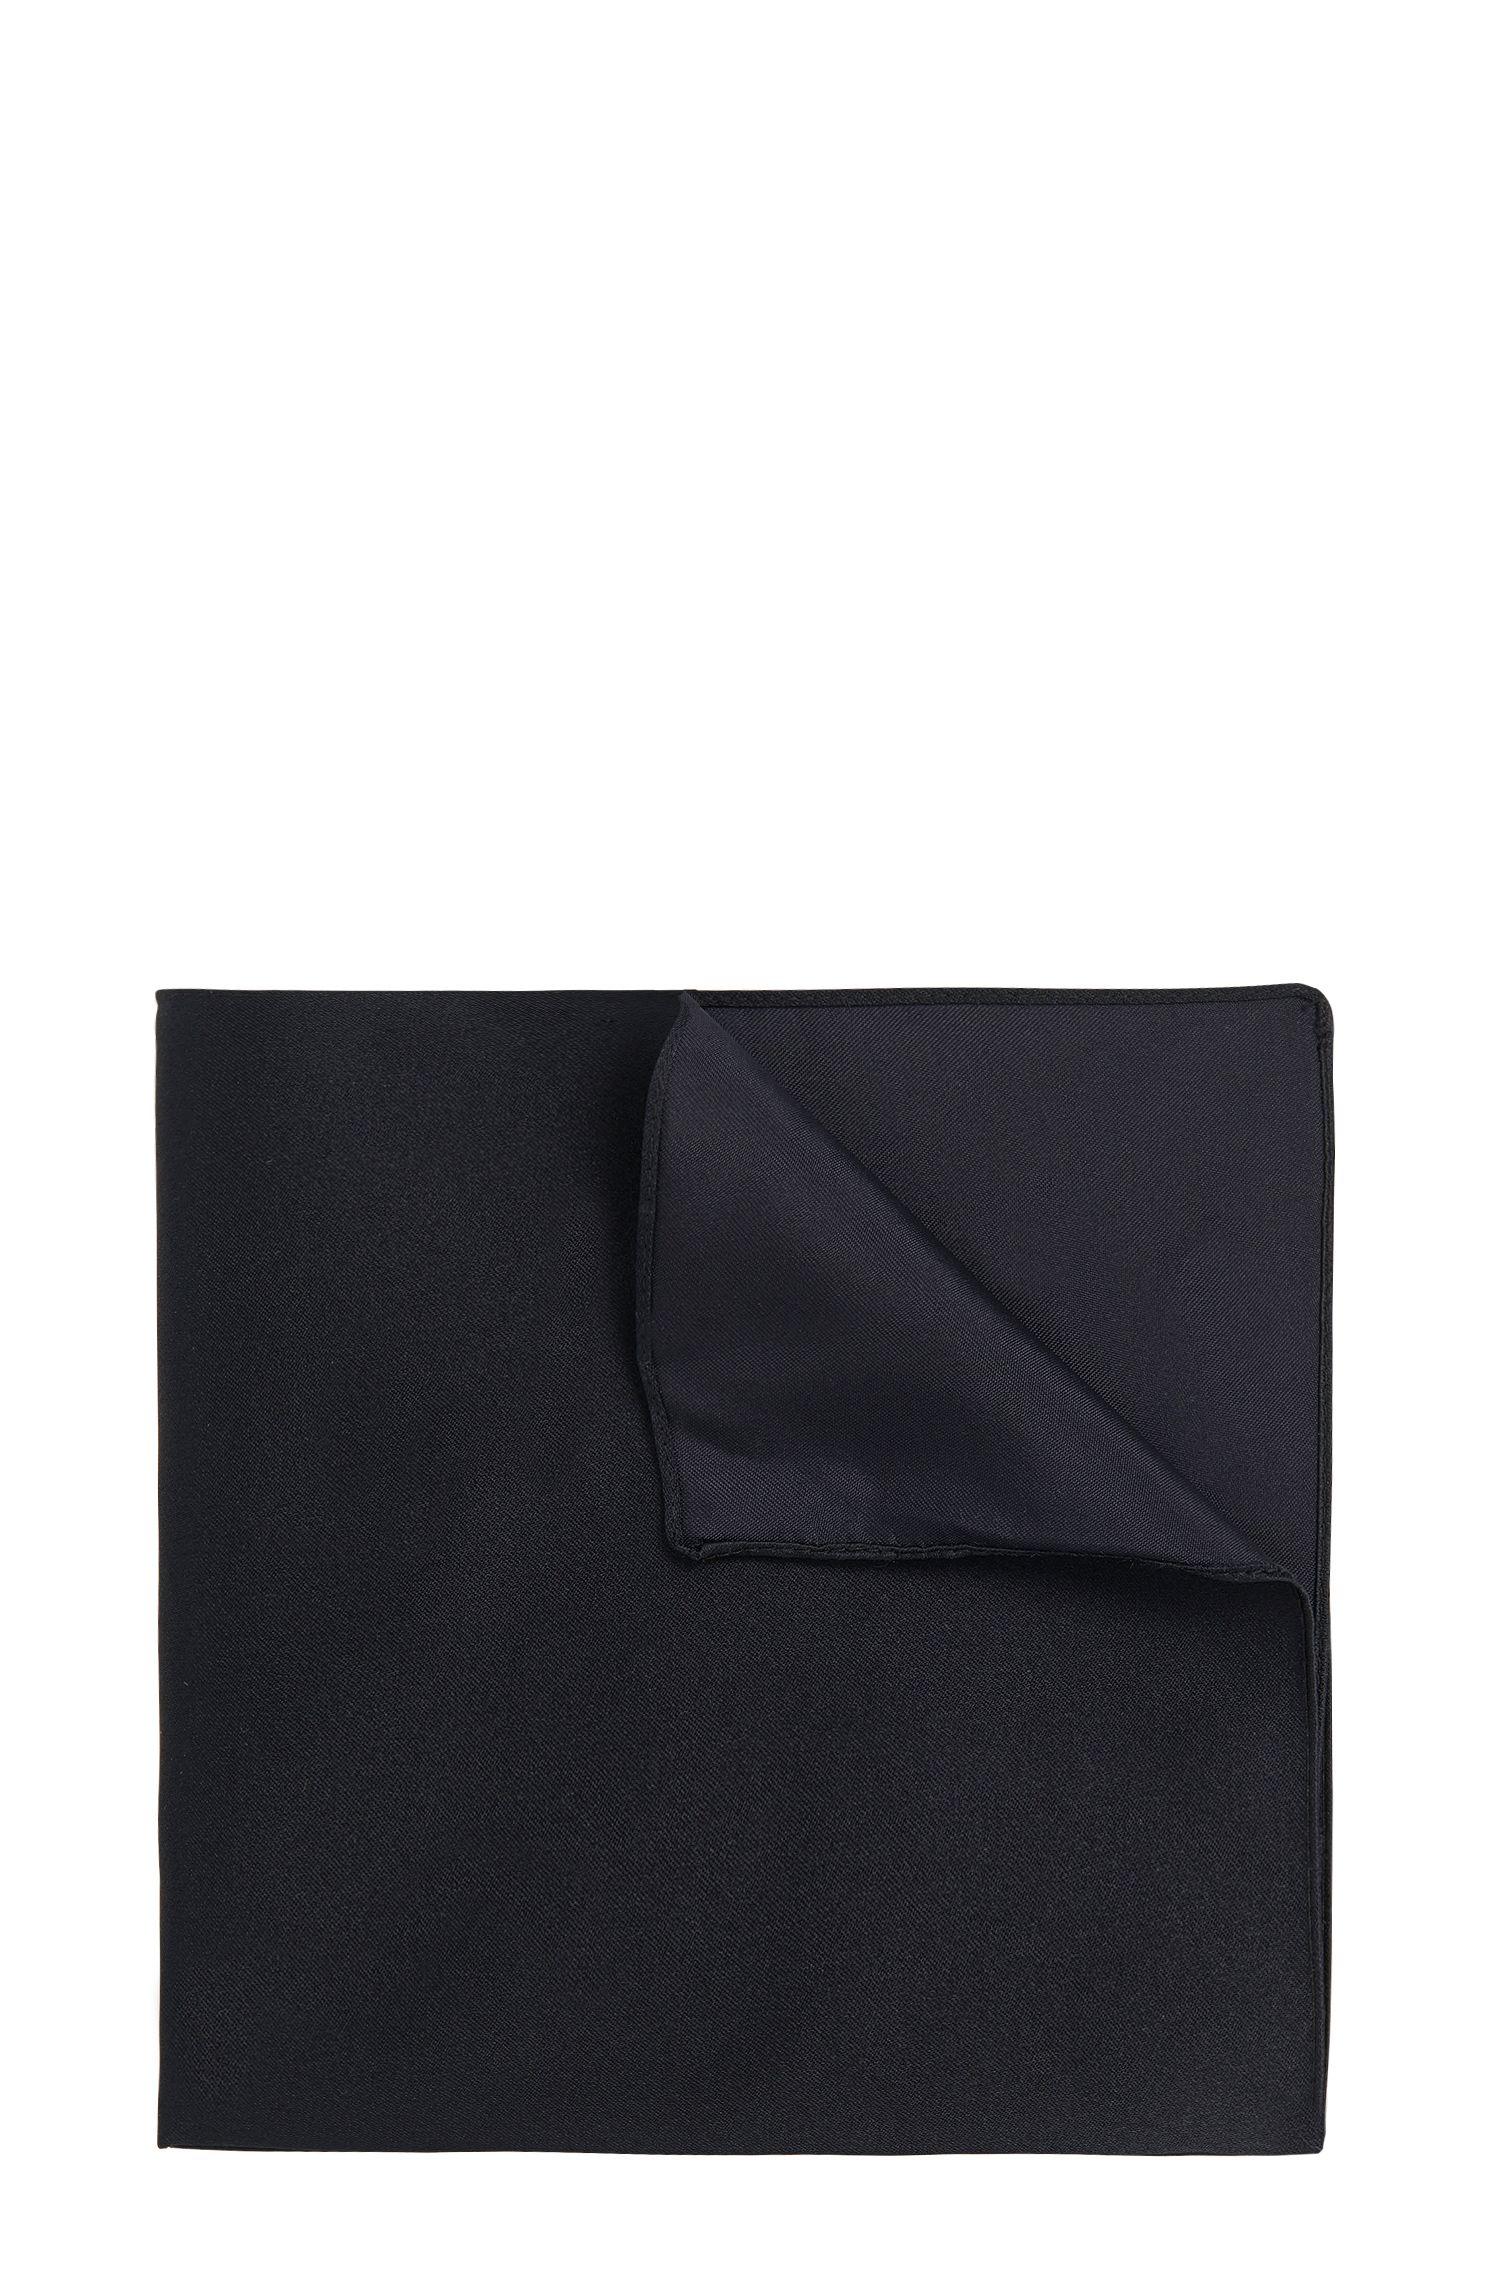 Pañuelo de bolsillo liso en seda: 'Pocket sq. 33x33 cm'